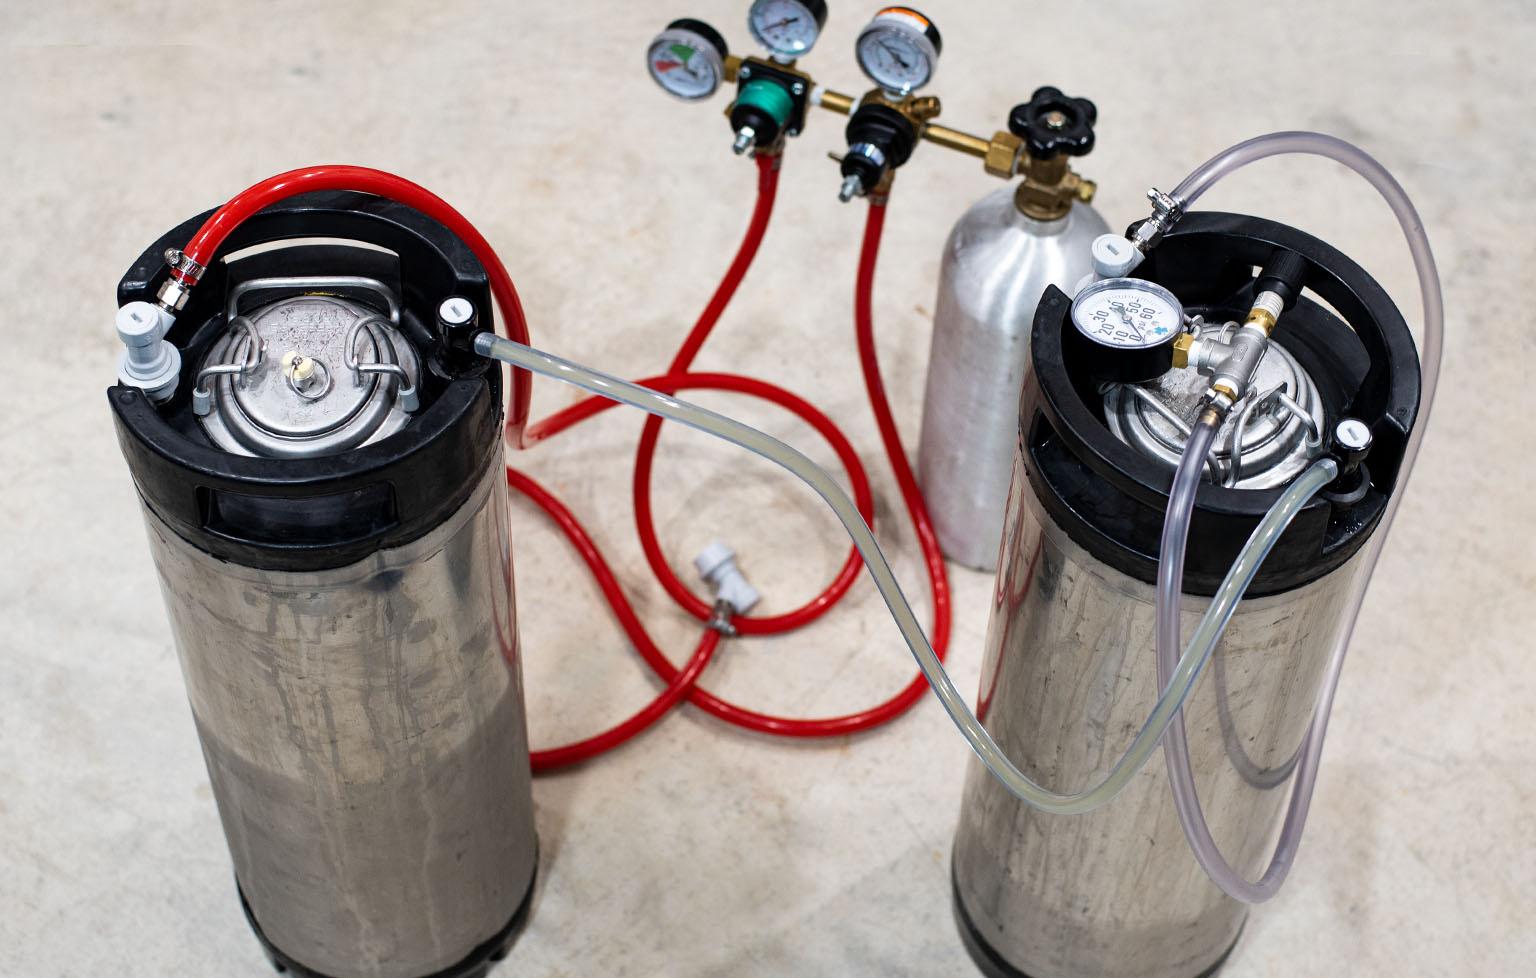 Pressure transfer from fermenting keg to serving keg